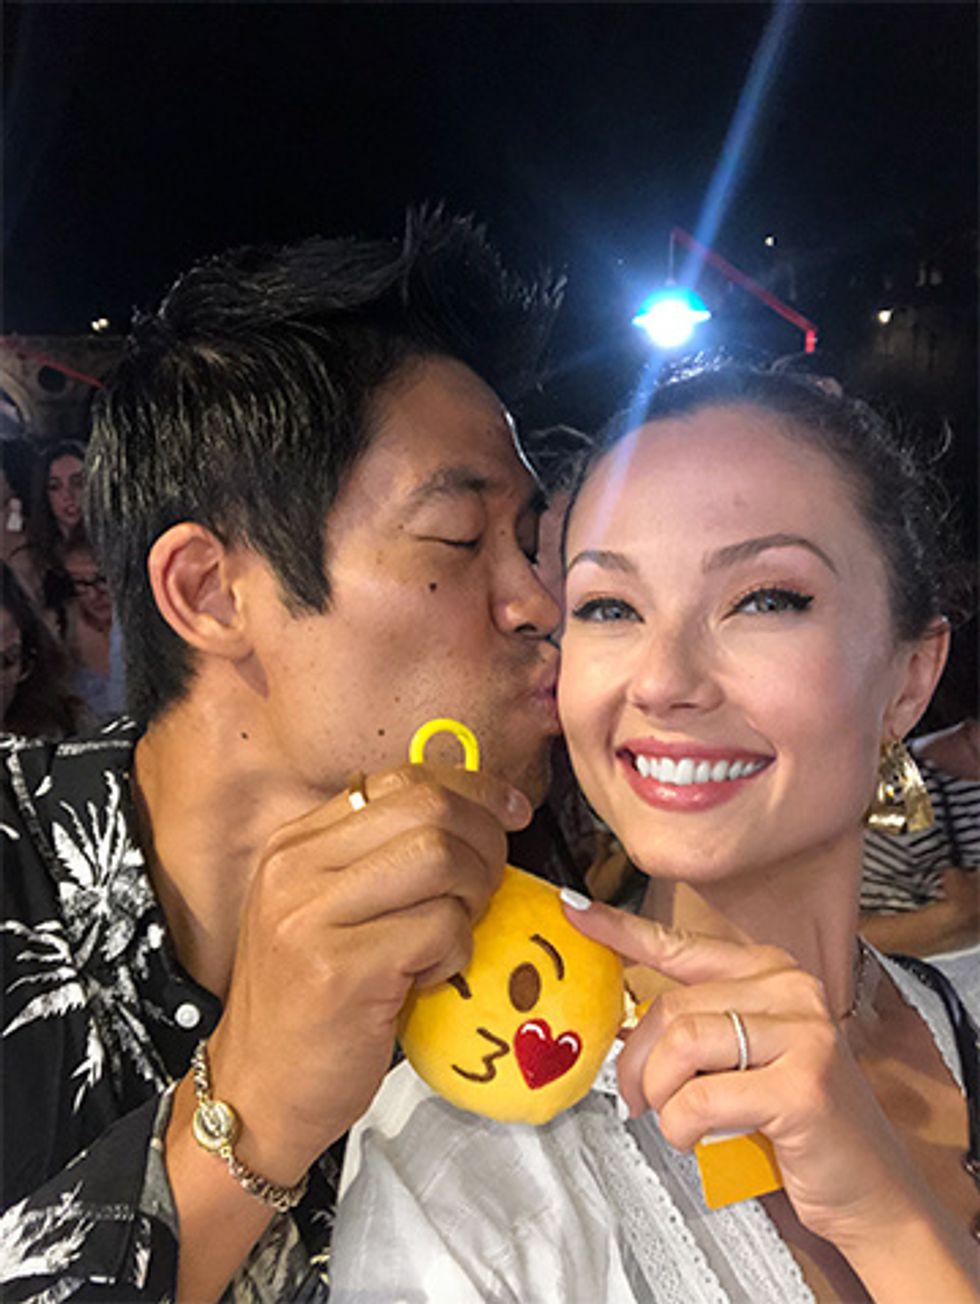 Actor David Lim kissing wife Marketa Kazdova on the cheek while on their honeymoon.